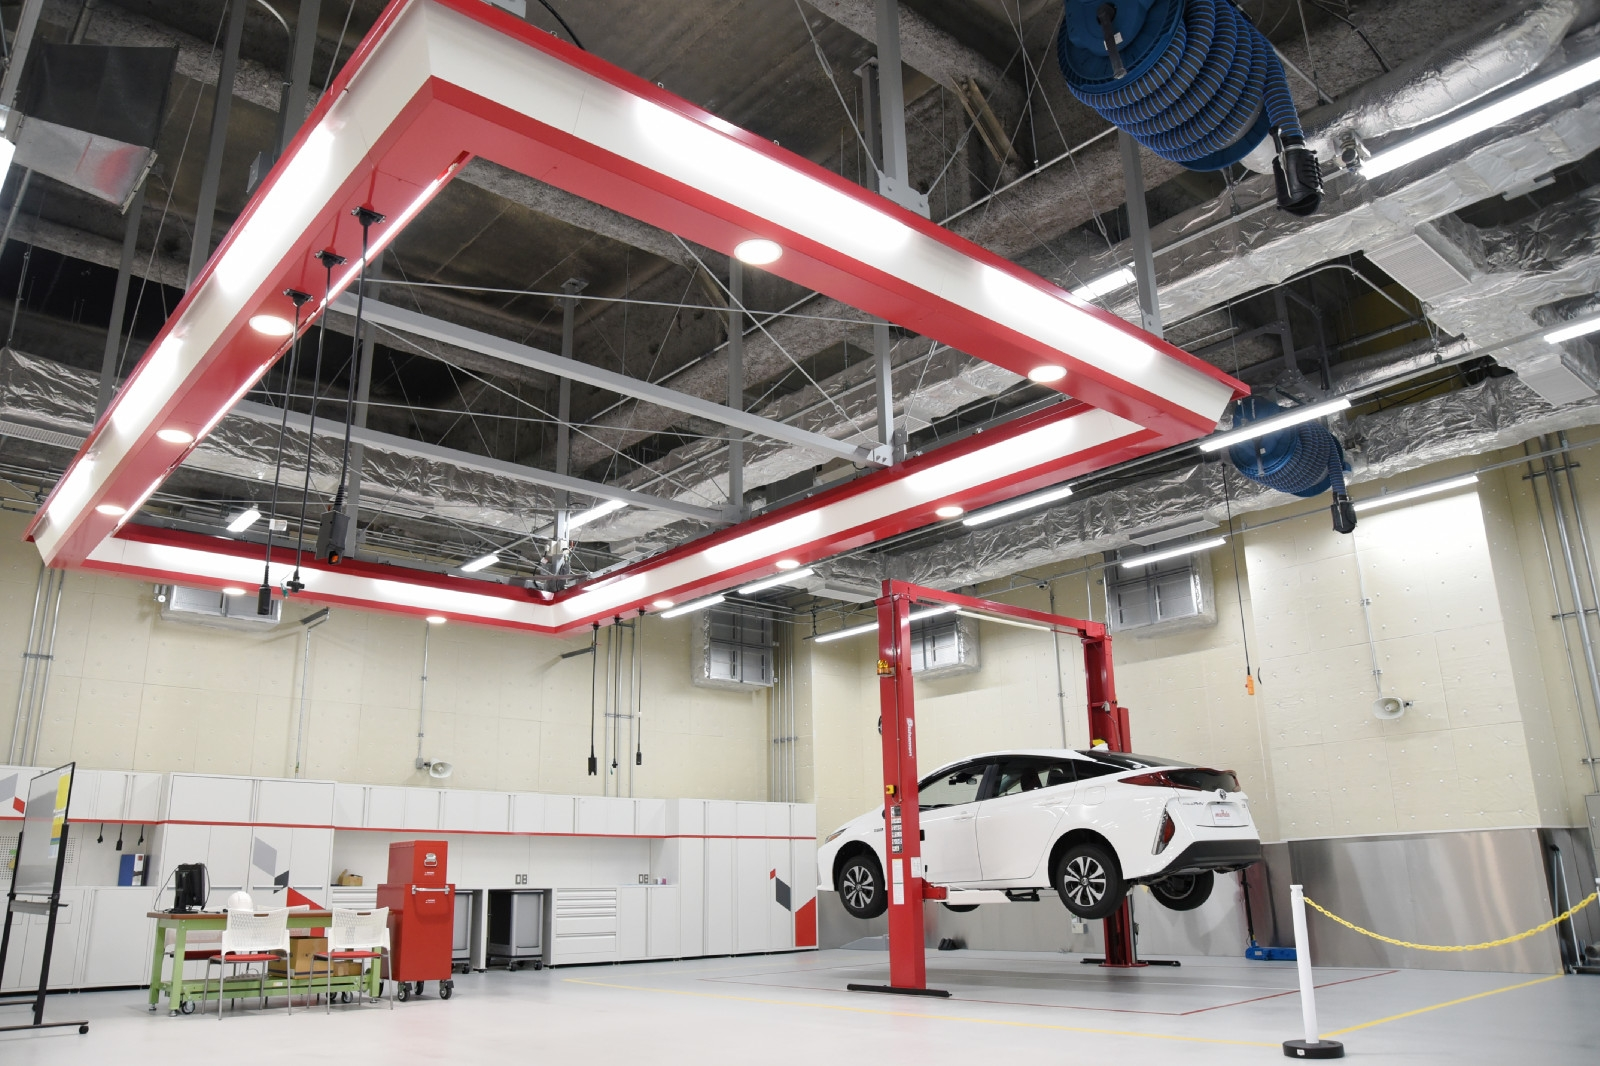 図2 自動車を分解・検証できるピット施設 開発中の部品を車両に搭載することもできる。試験車両はエレベーターで地下2階の電波暗室に移動させて試験することも可能。(撮影:日経Automotive)